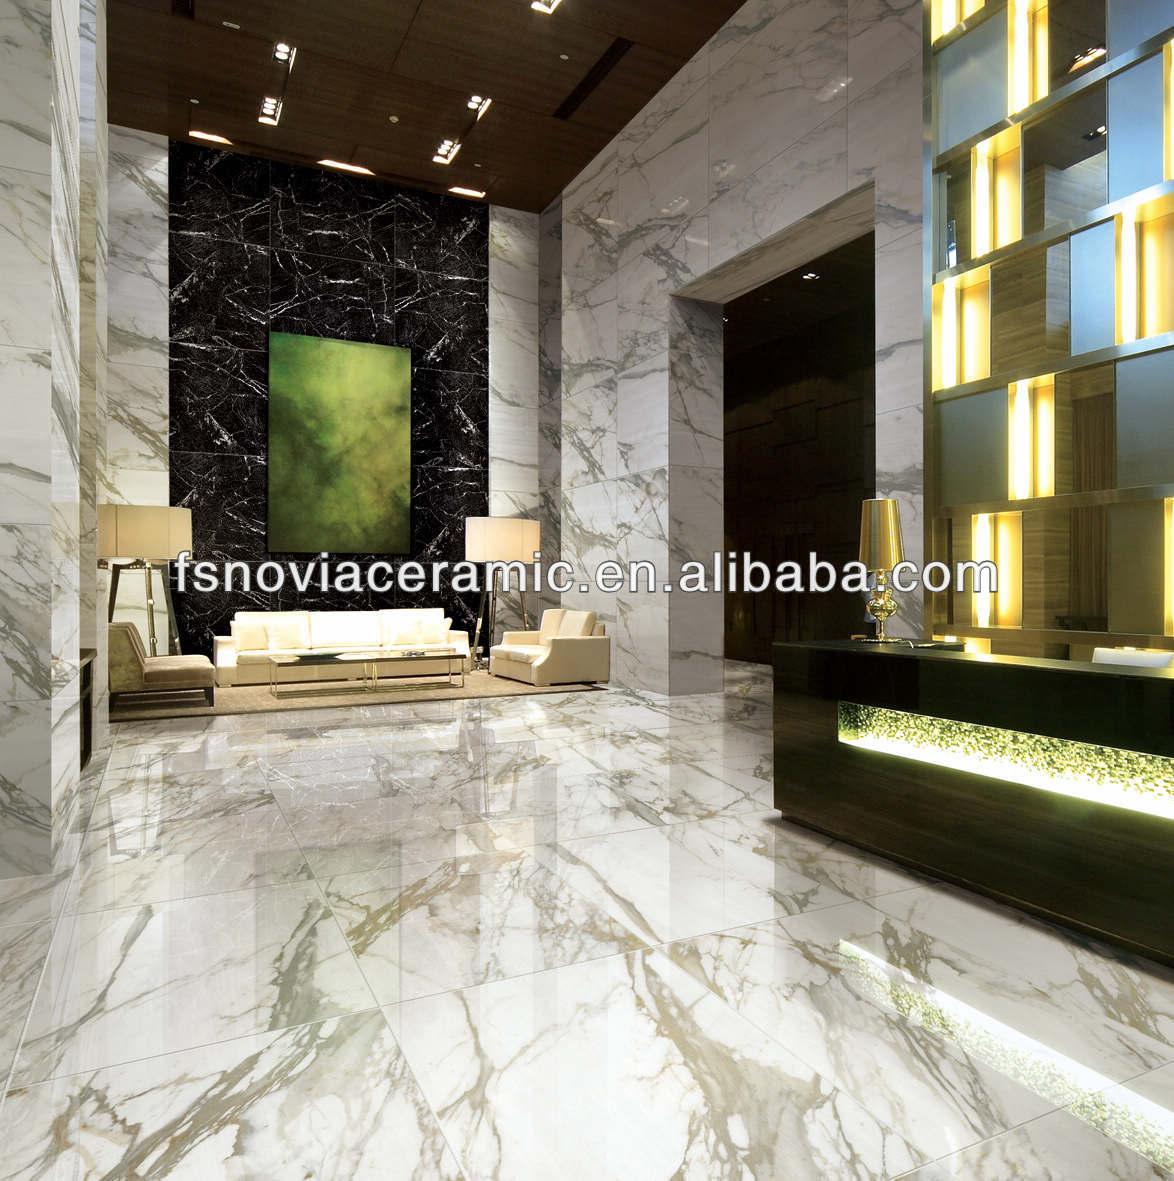 De m rmol blanco de porcelana suelos 600x900mm foshan alicatados identificaci n del producto - Suelos de porcelana ...